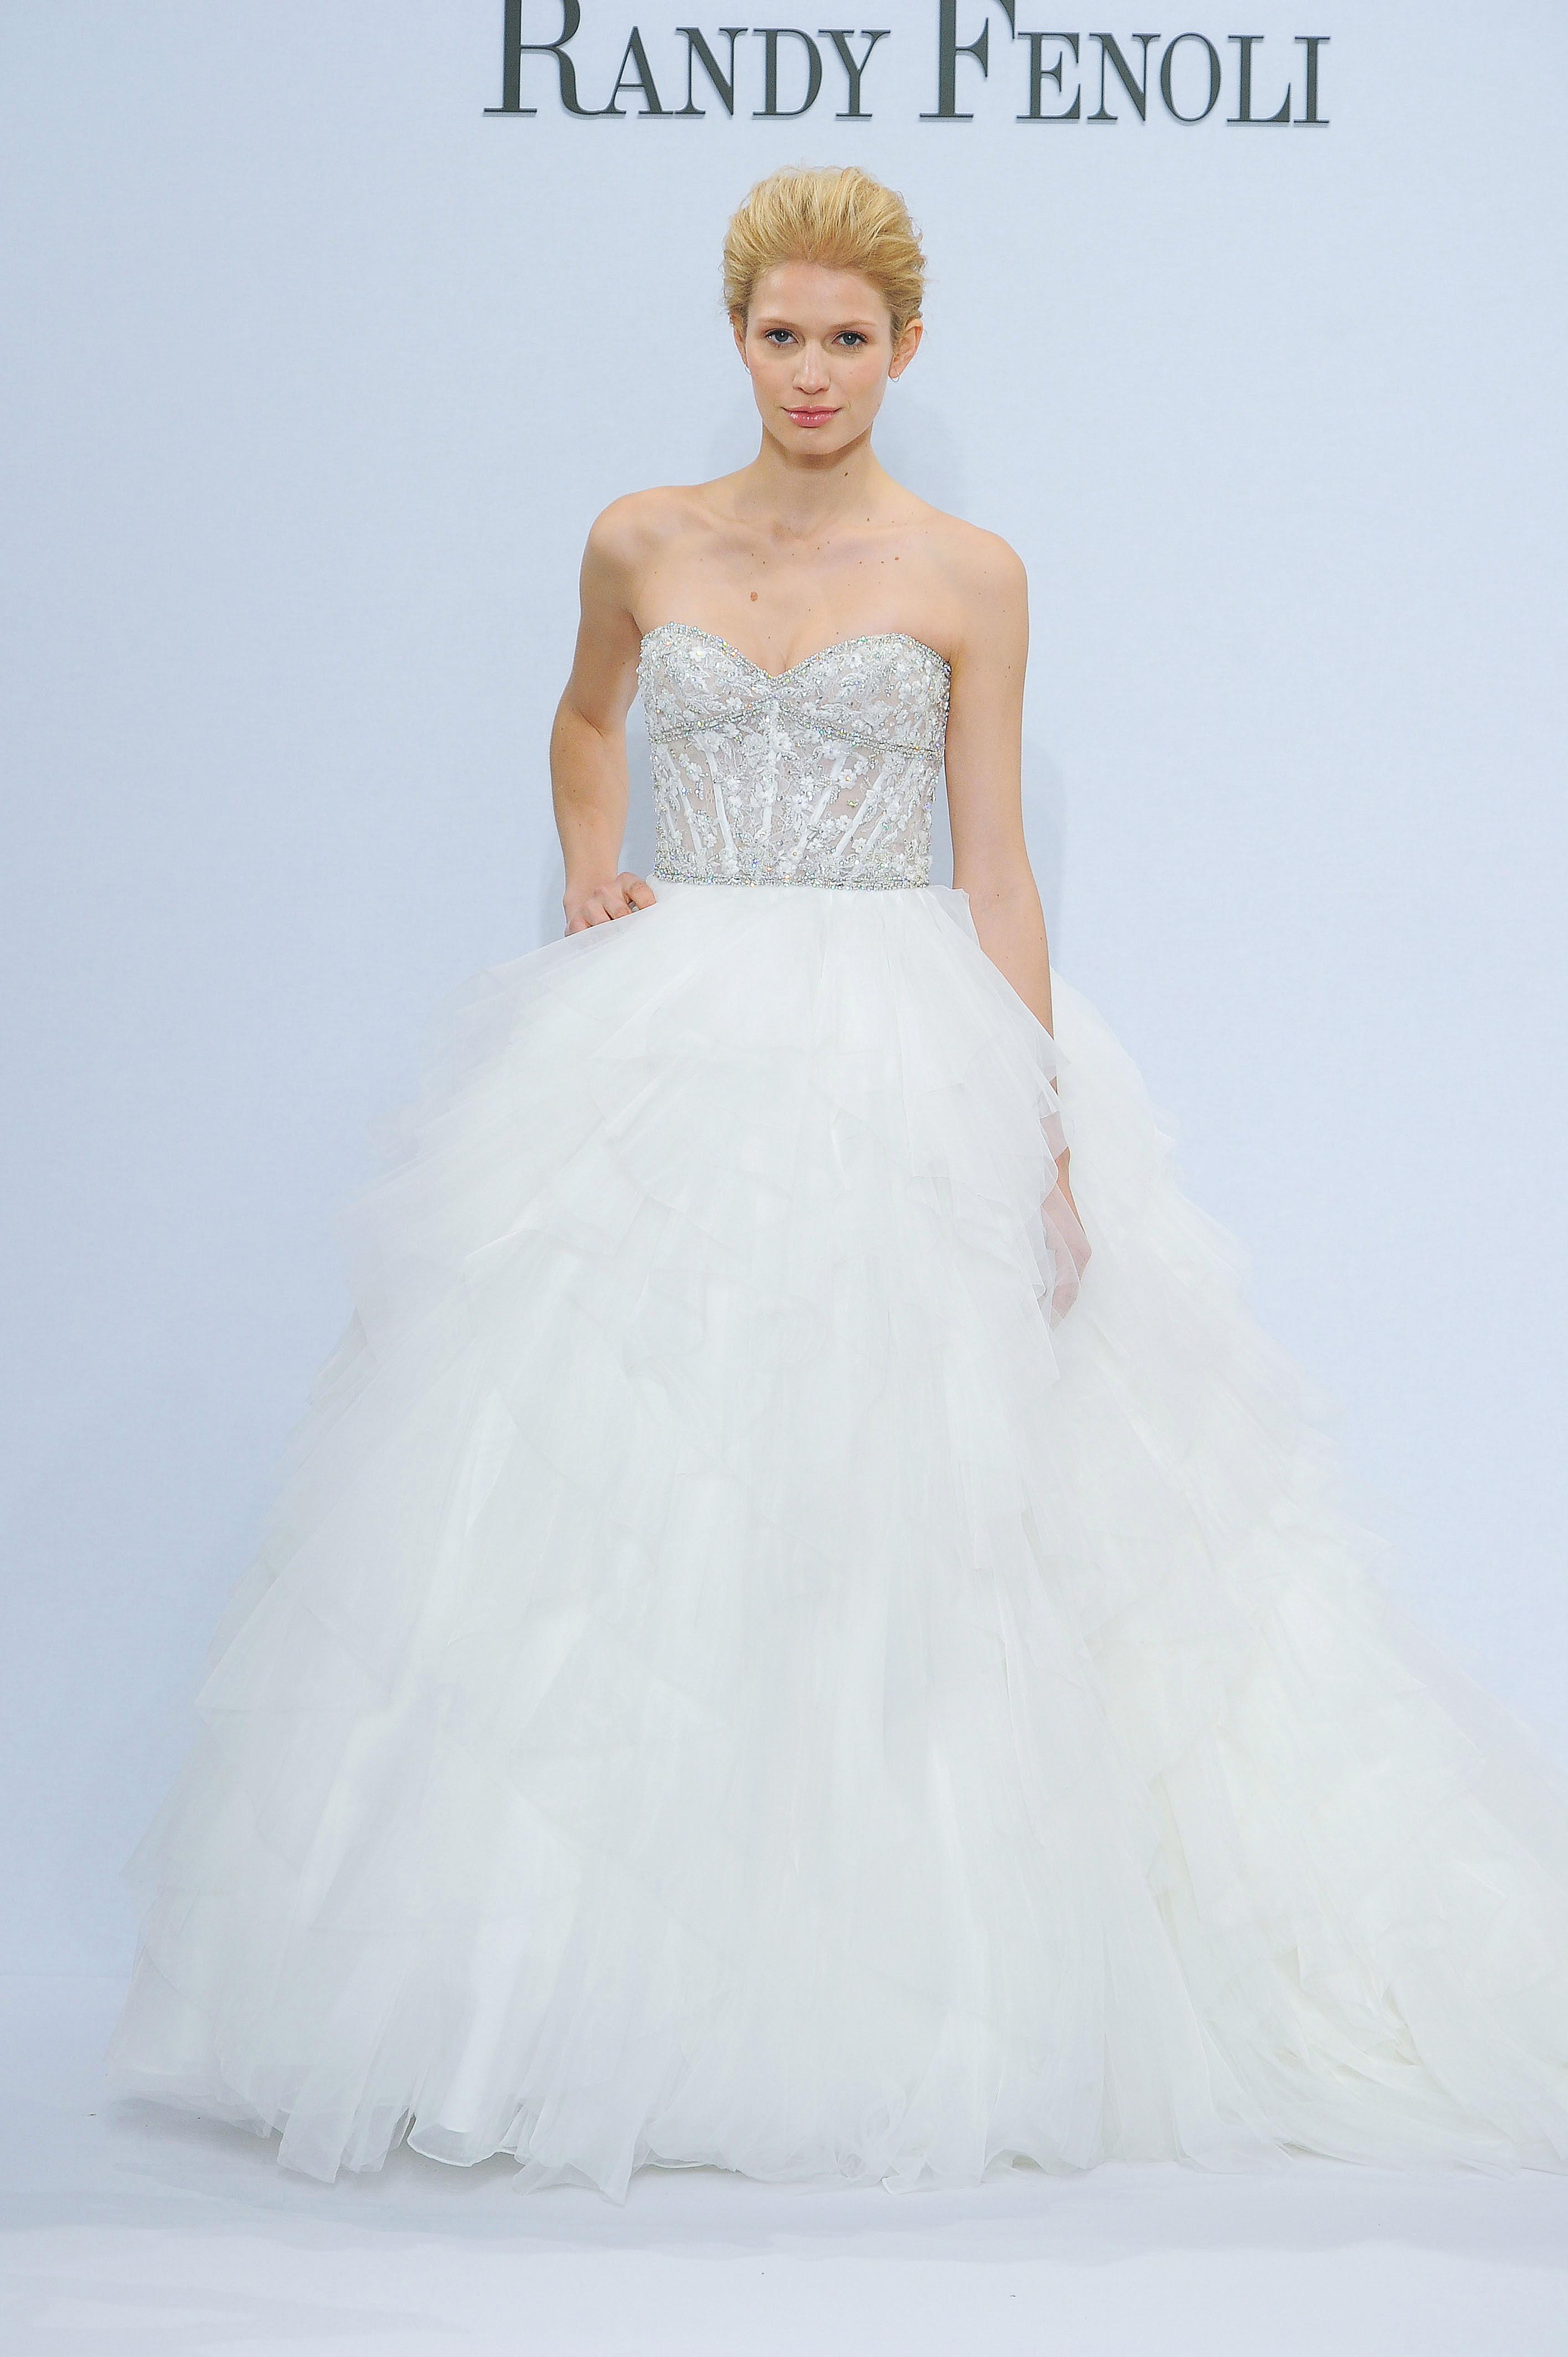 Randy Fenoli Wedding Dresses.Randy Fenoli Spring 2018 Wedding Dress Collection Martha Stewart